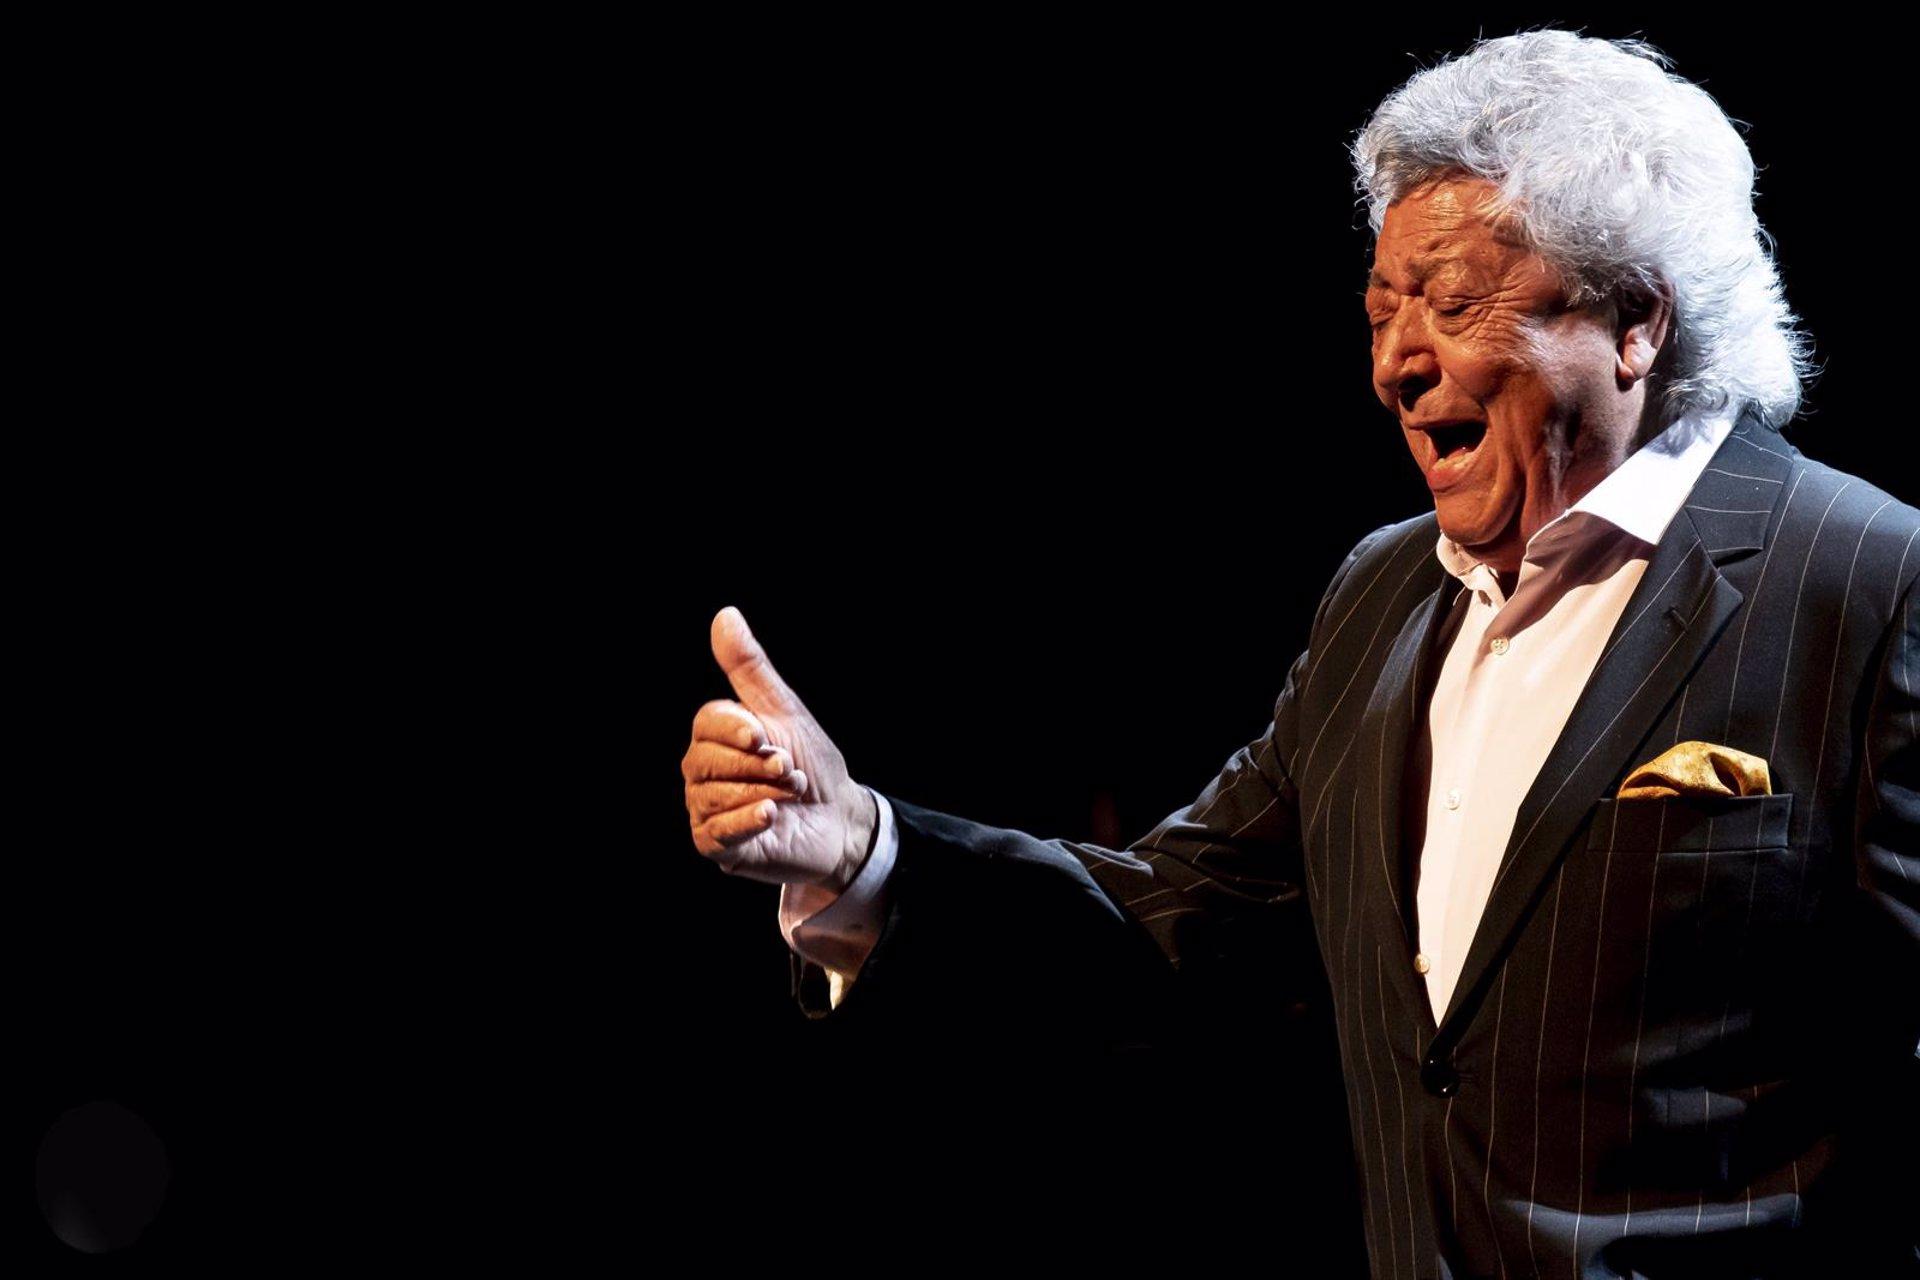 Pansequito abre el ciclo 'Flamenco Viene del Sur' en el Teatro Alhambra